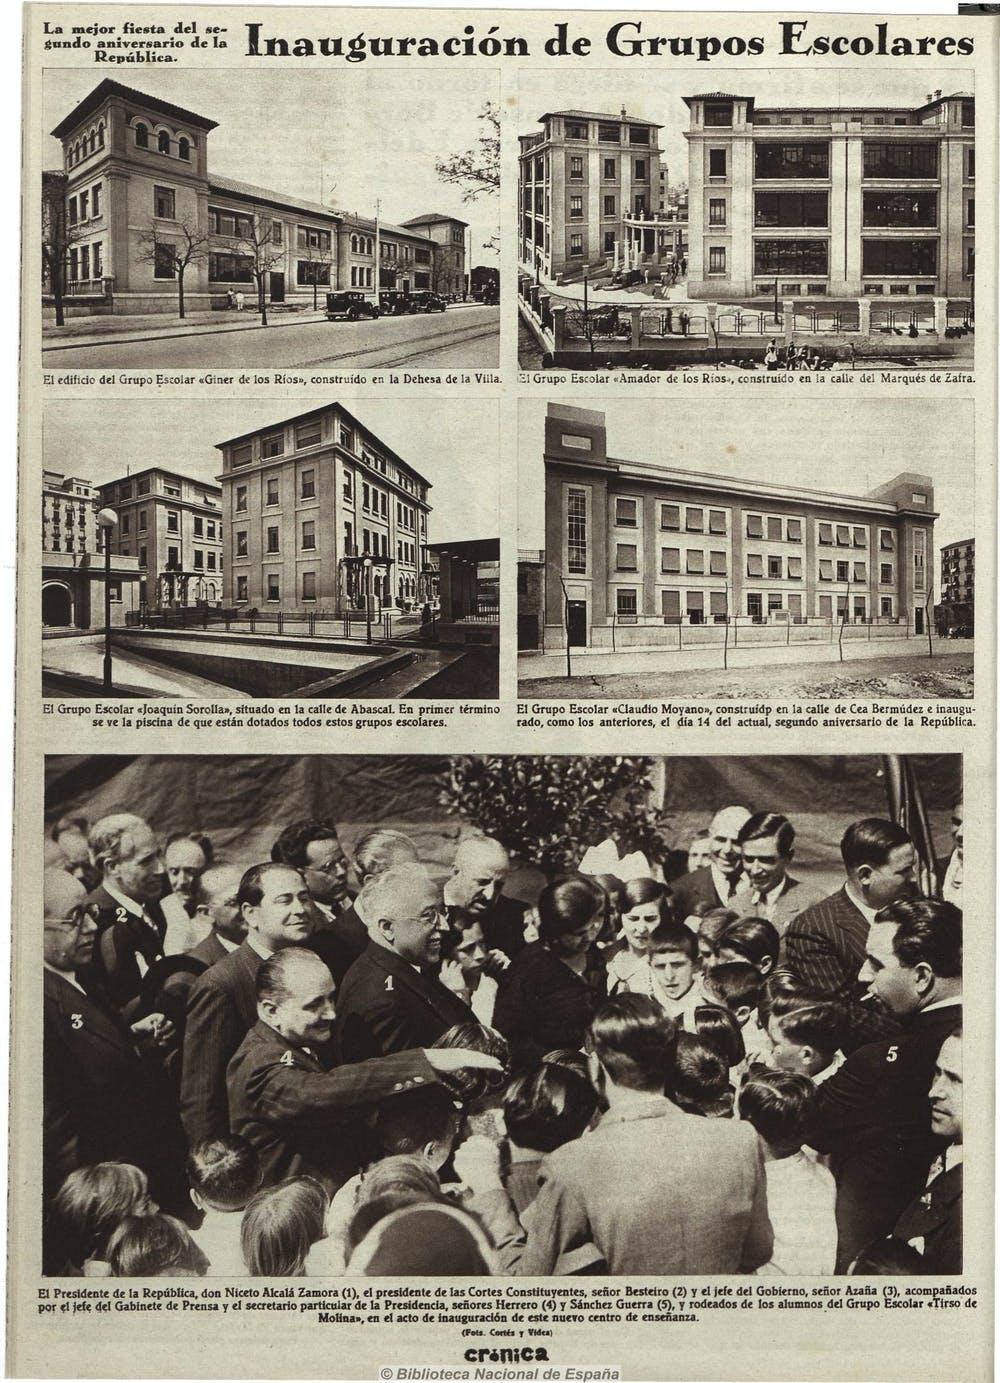 El 14 de abril de 1933, el presidente de la República, Niceto Alcalá Zamora, y el presidente del Gobierno, Manuel Azaña, presidieron la inauguración de seis centros escolares en Madrid. Crónica, 23 de abril de 1933. BNE - Hemeroteca Digital